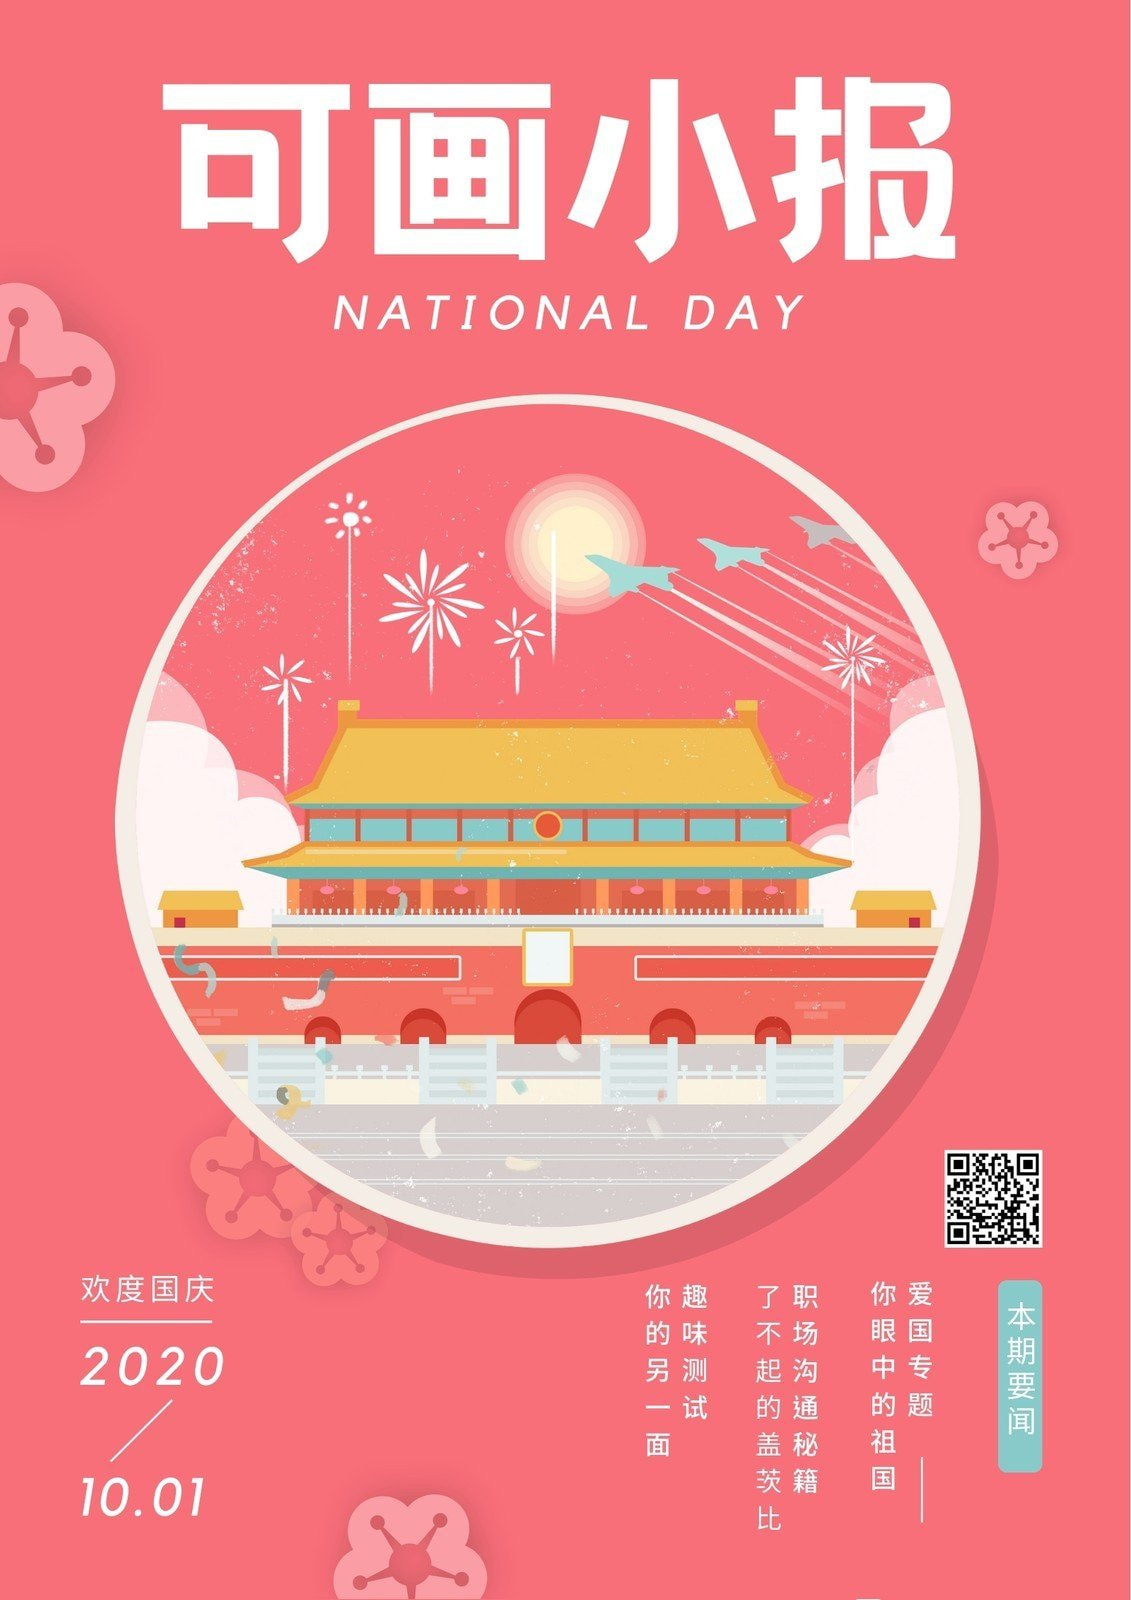 粉黄色70周年城楼花朵可爱国庆中文简报